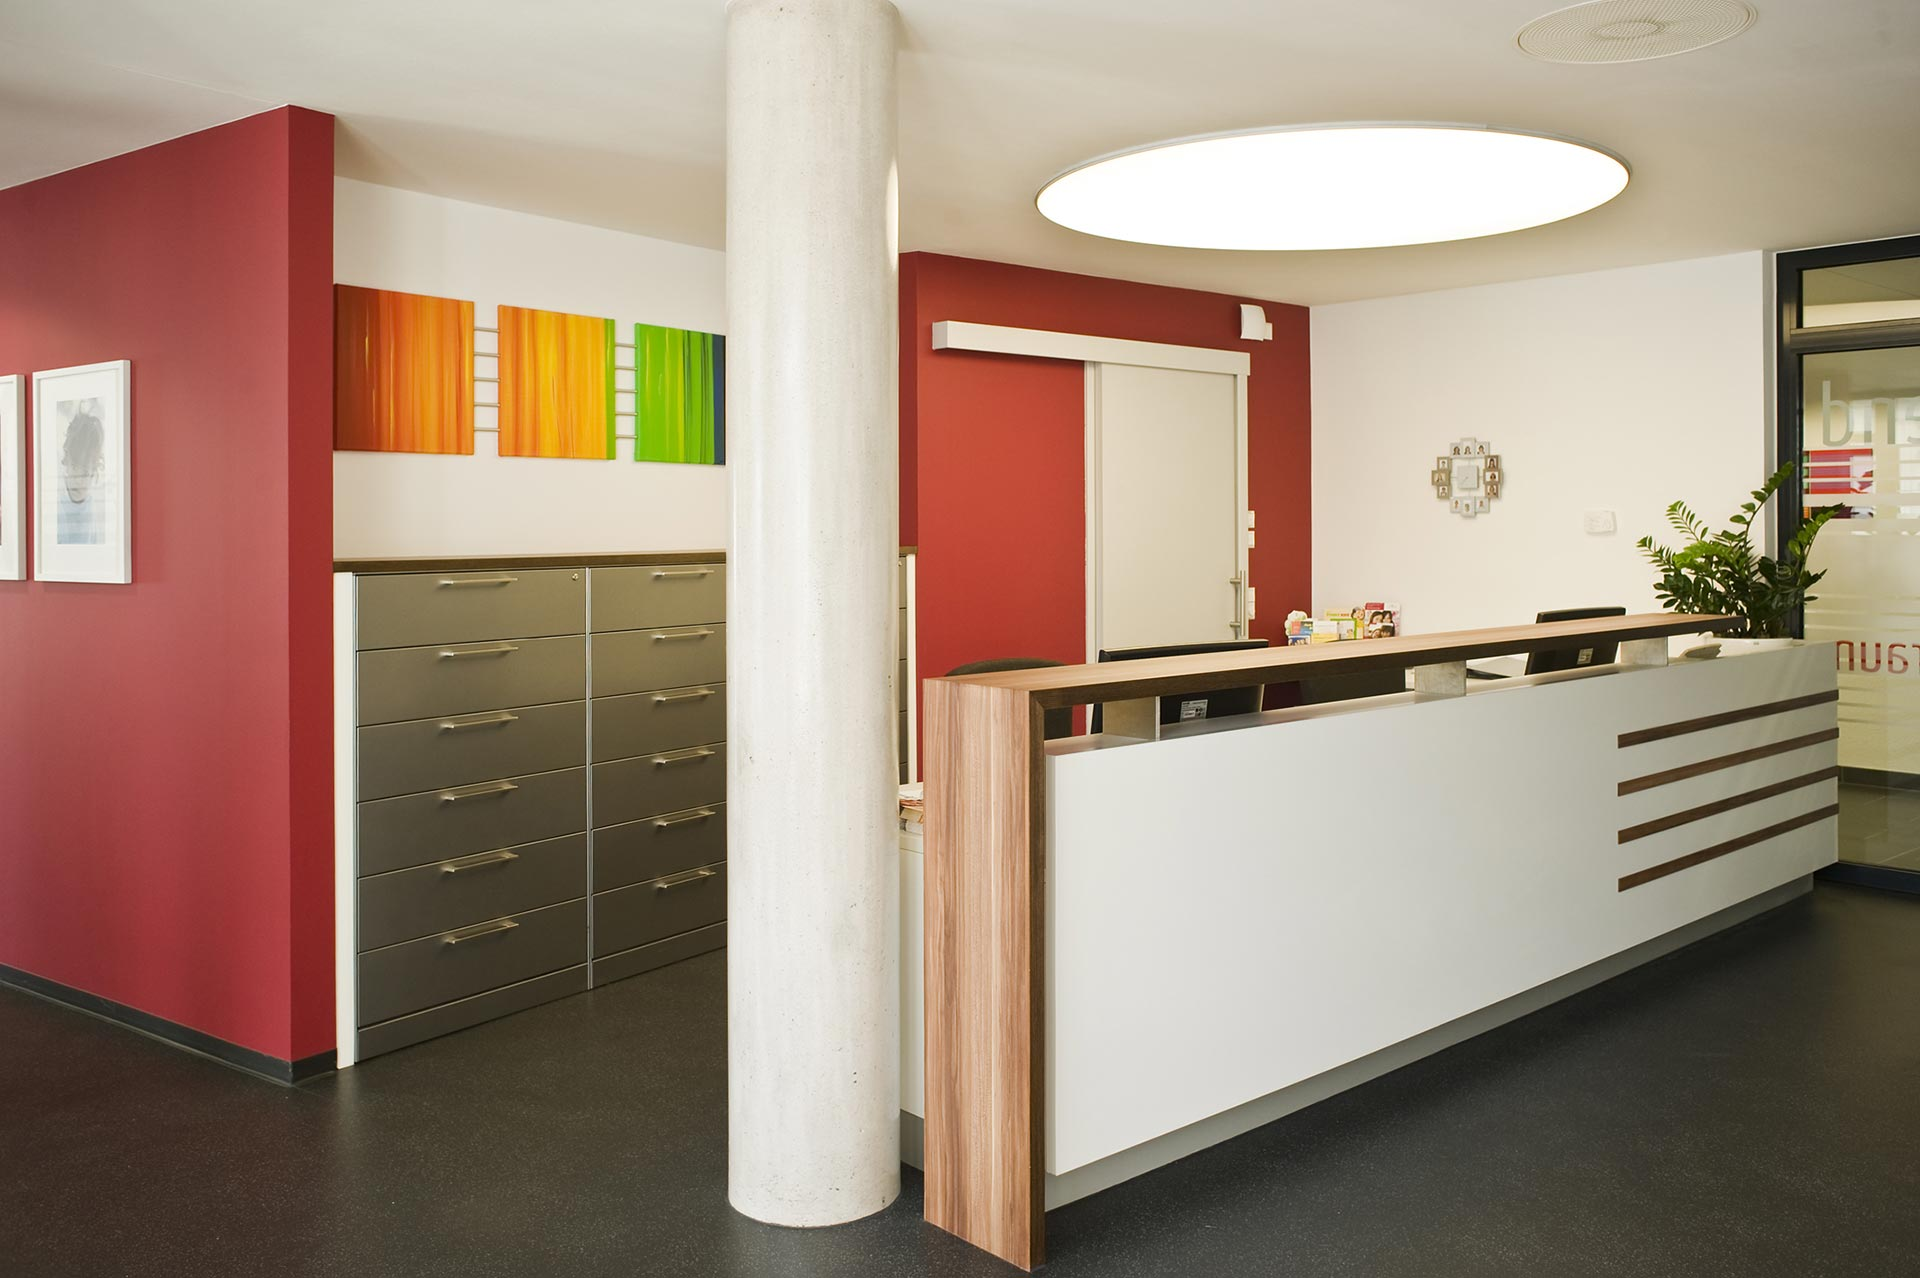 actica gmbh actica planen einrichten arztpraxis einrichtung und empfangstheke. Black Bedroom Furniture Sets. Home Design Ideas